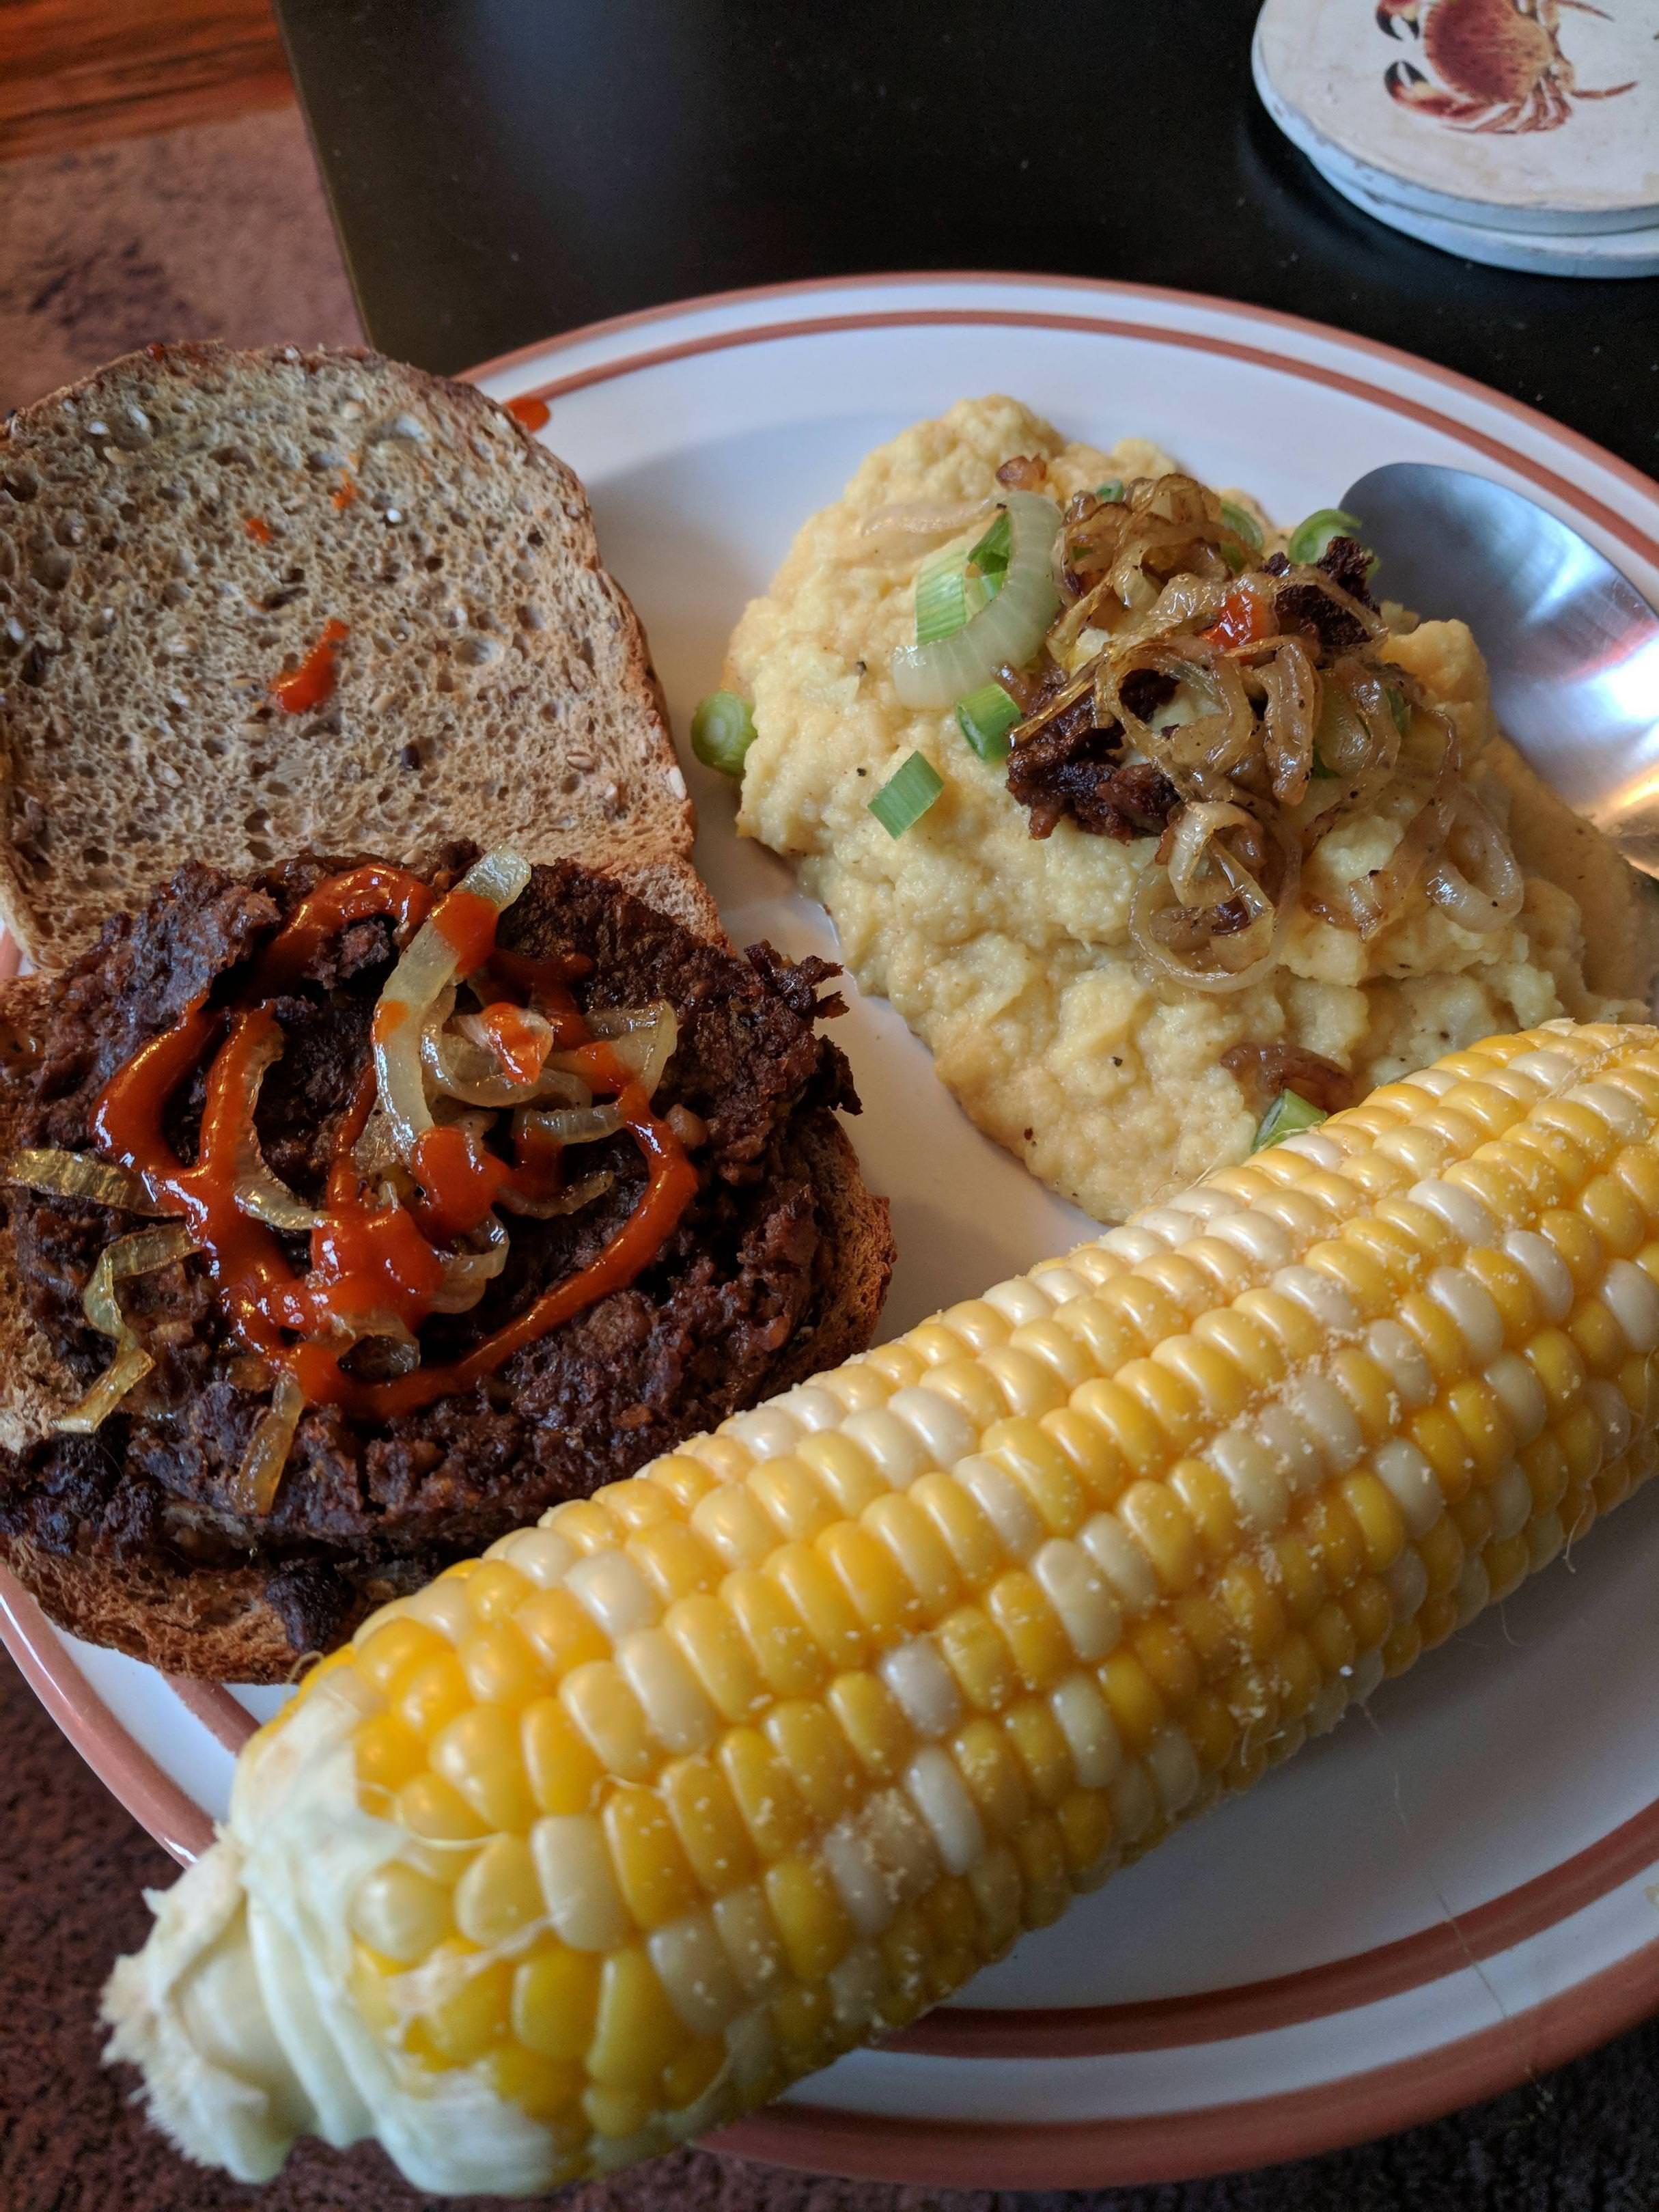 Boca burger mashed cauli corn and caramelized onions 460